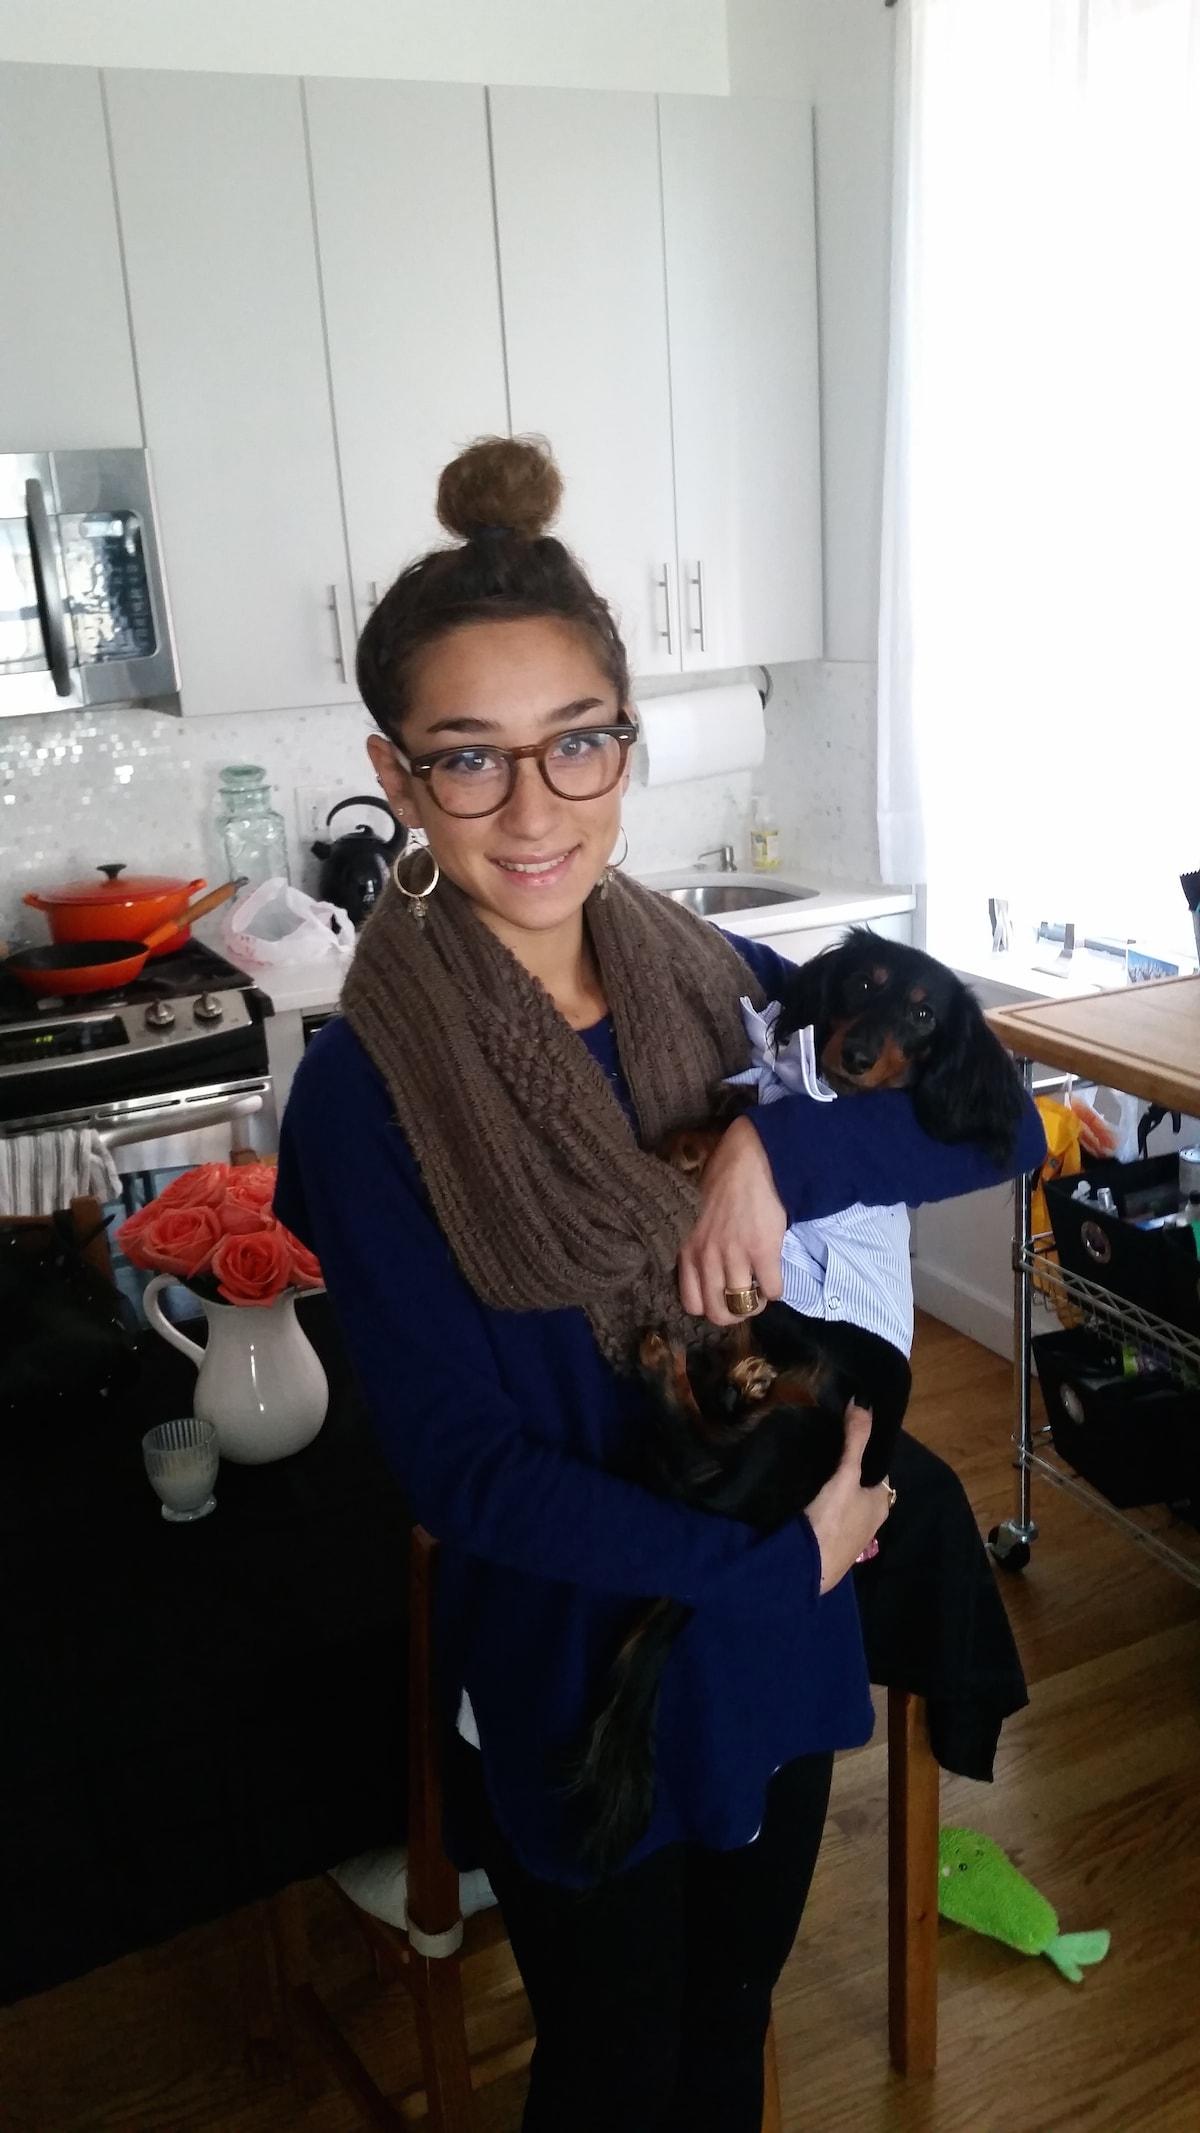 Aliya from New York